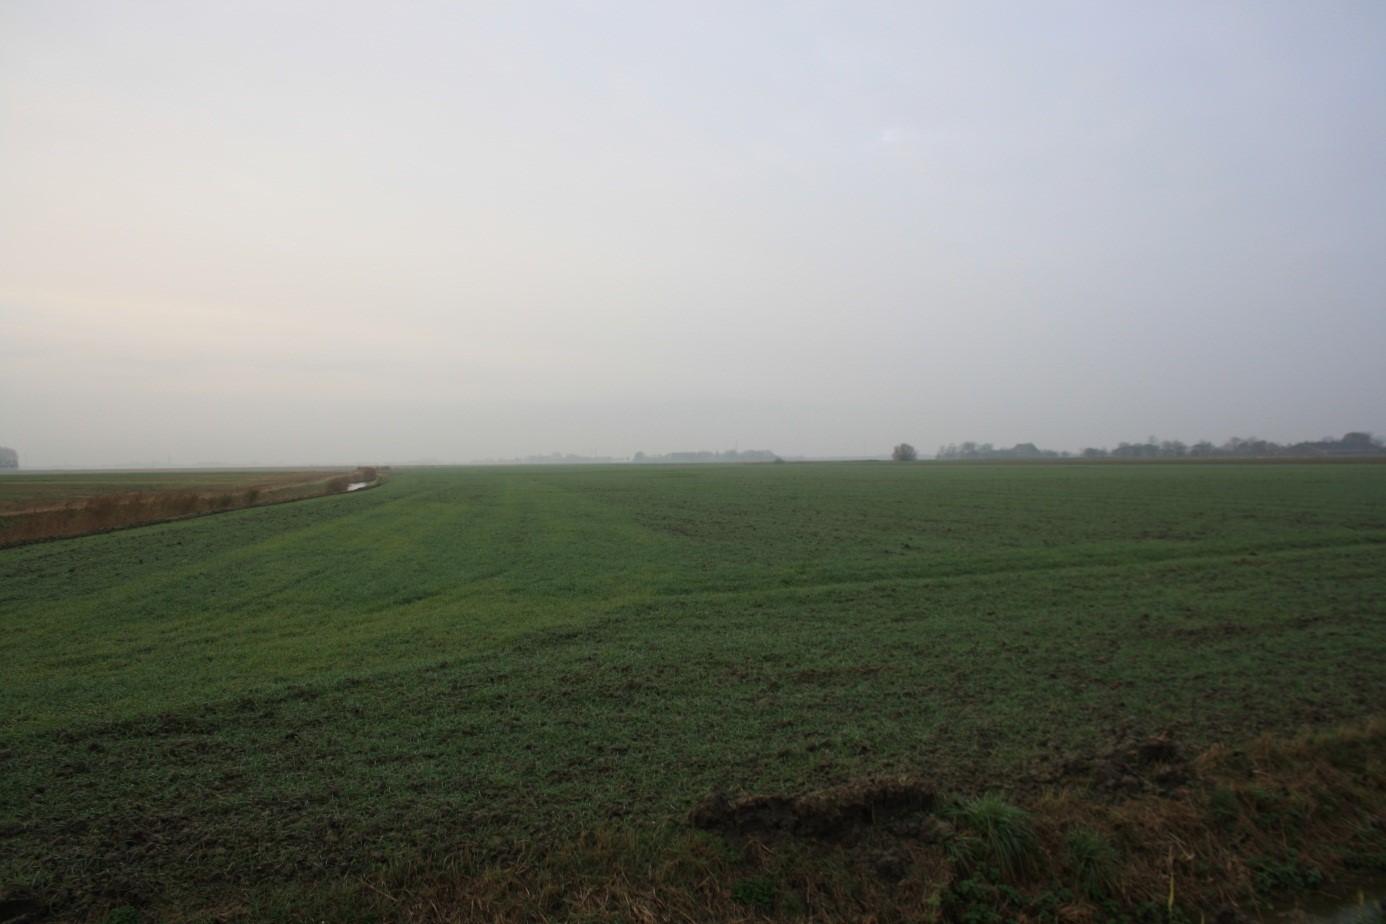 Jonge tarwe op één van de akkers waar Romeinse vondsten zijn gedaan. Zo komen twee opvallende aspecten aan de vroegste geschiedenis van Firdgum samen.